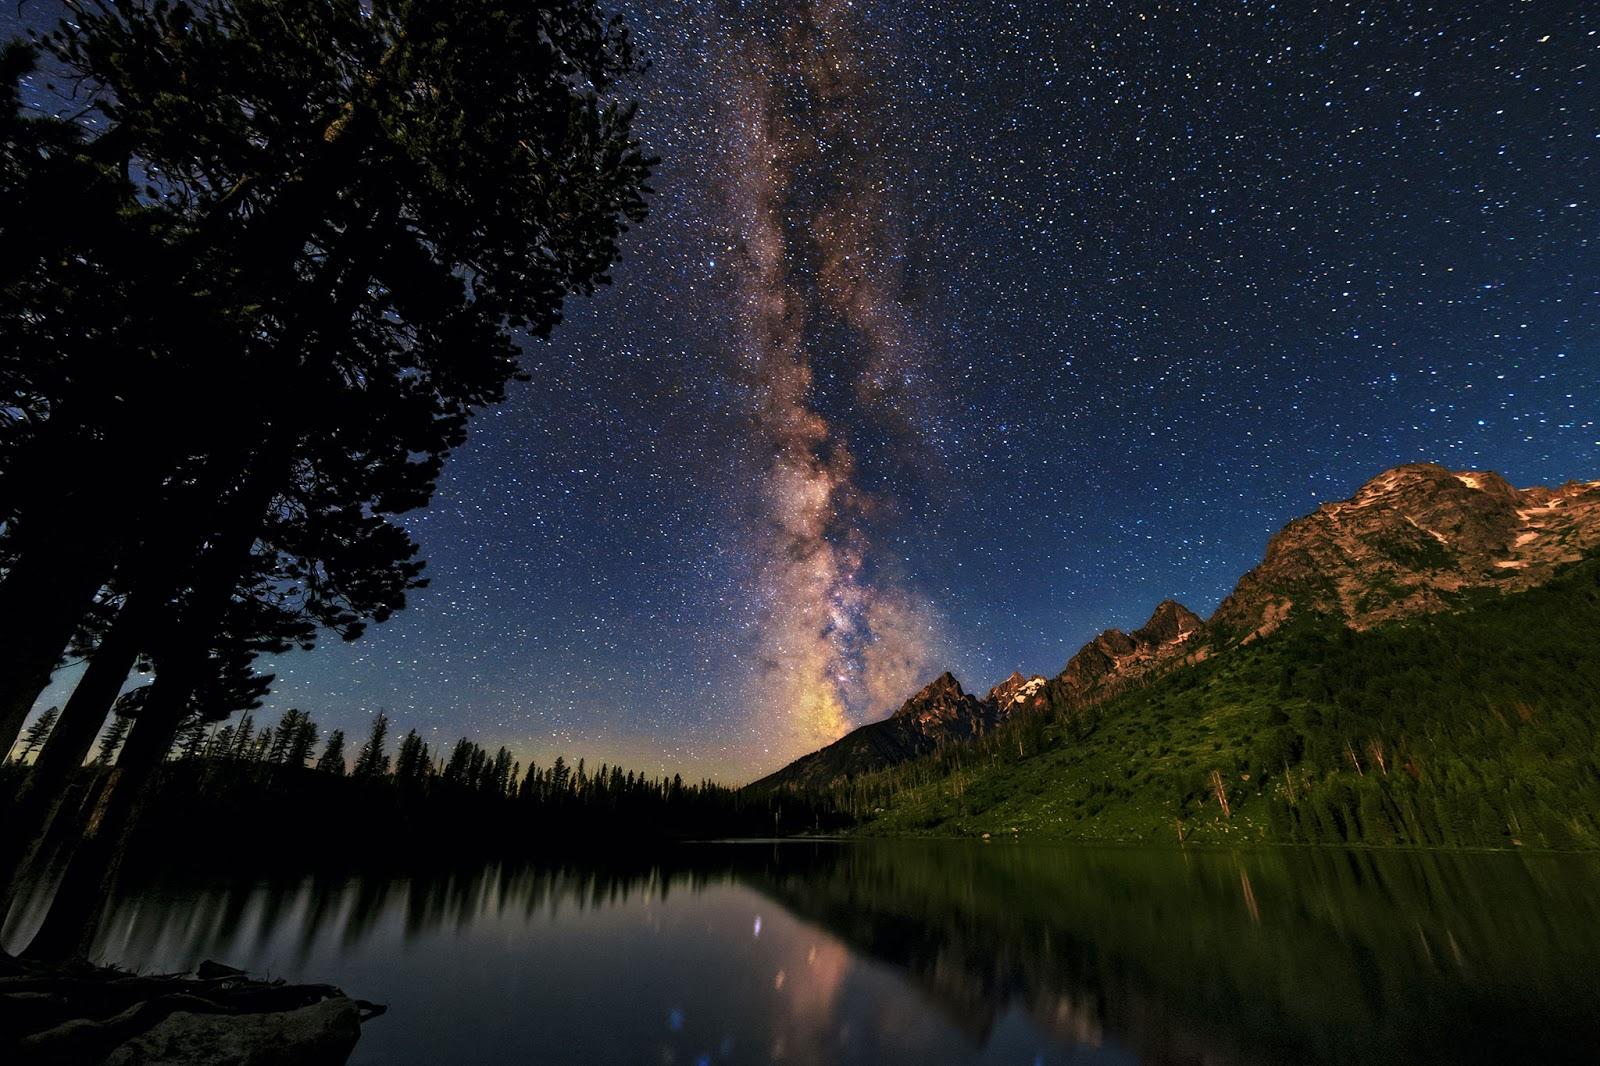 Fotografi Landscape Wallpaper Pemandangan Alam Gunung keren di atas gunung keren dan manis